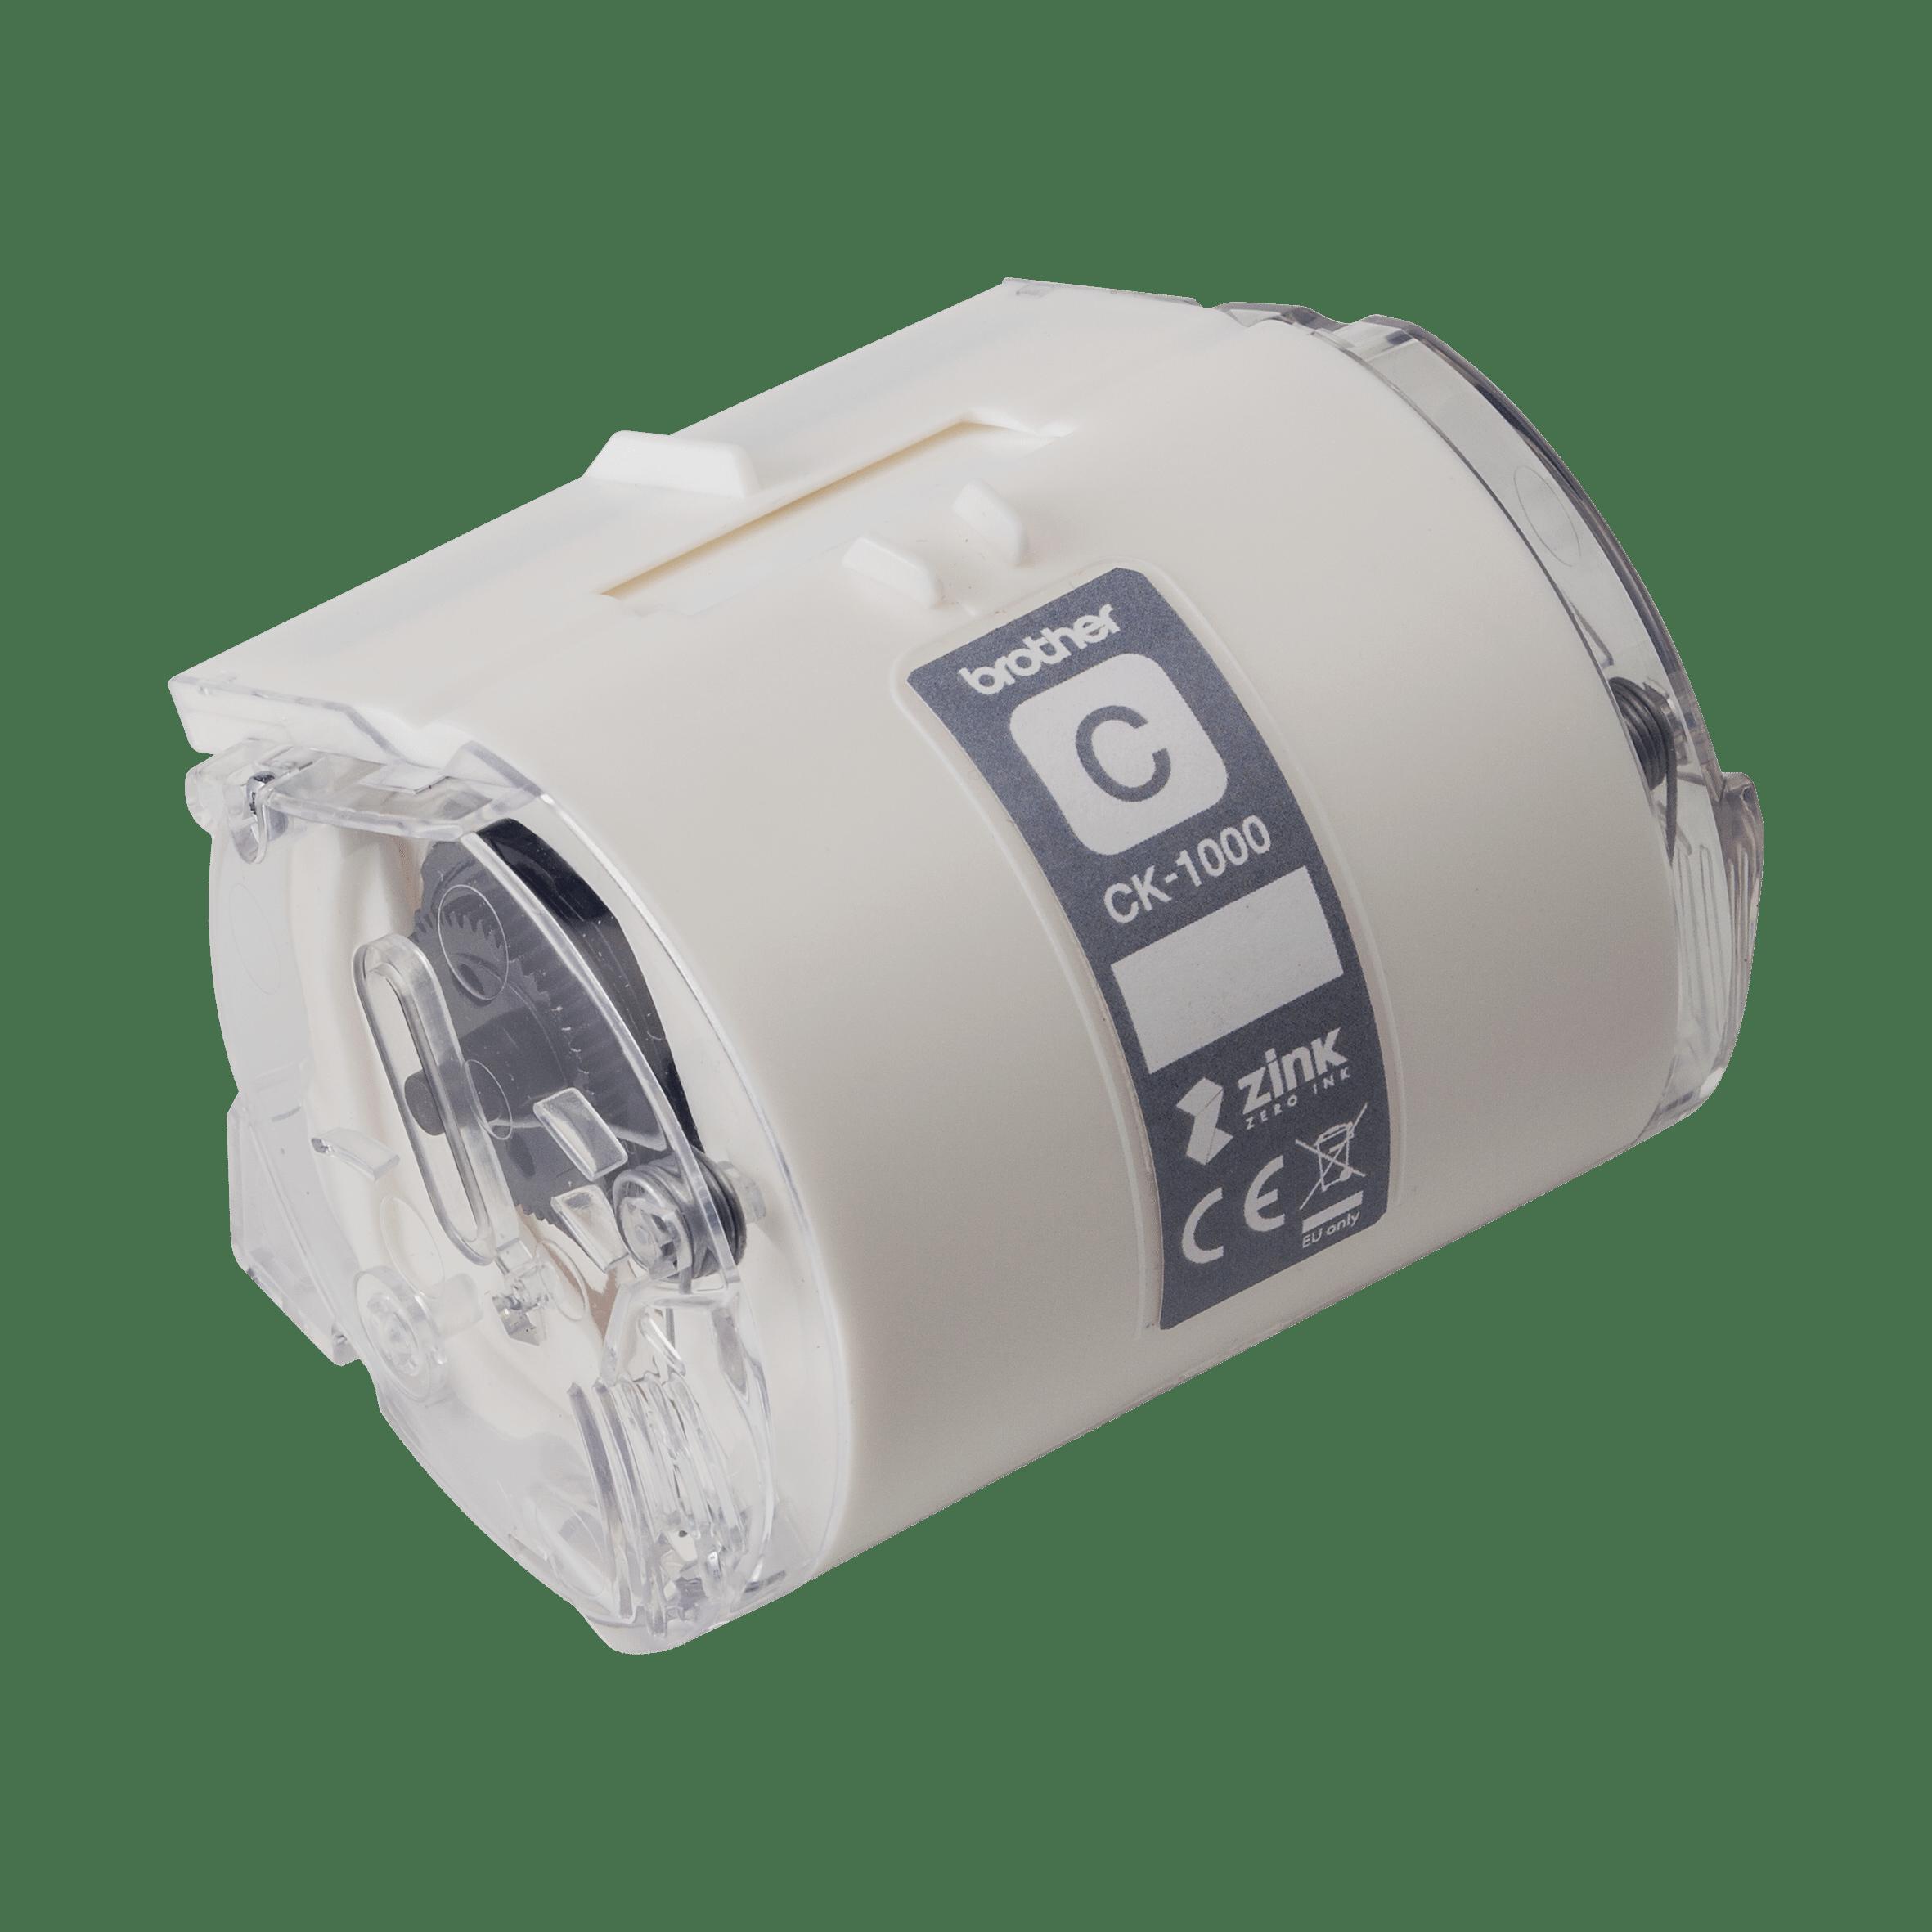 Originální čisticí válec Brother CK-1000, šířka 50 mm